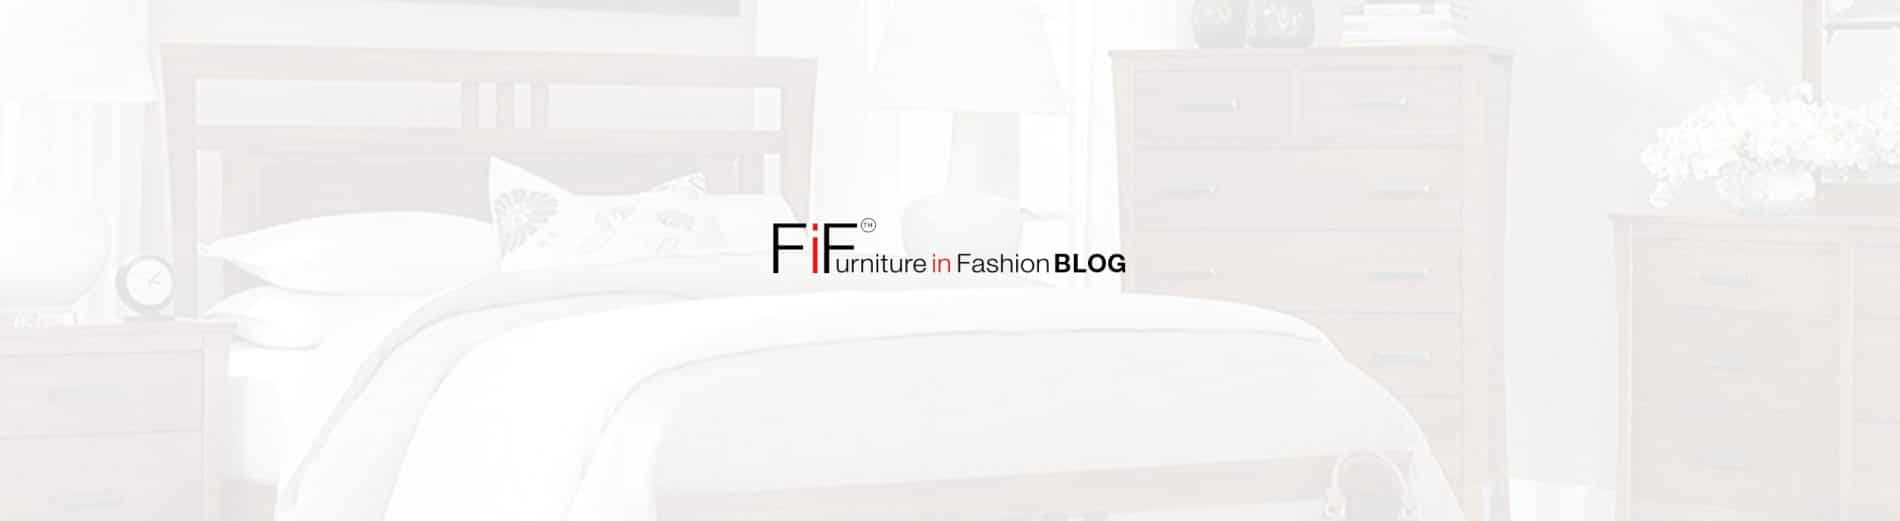 FIF Blog H 1900x521 - Fantastic Coffee Table Joy with Elegance